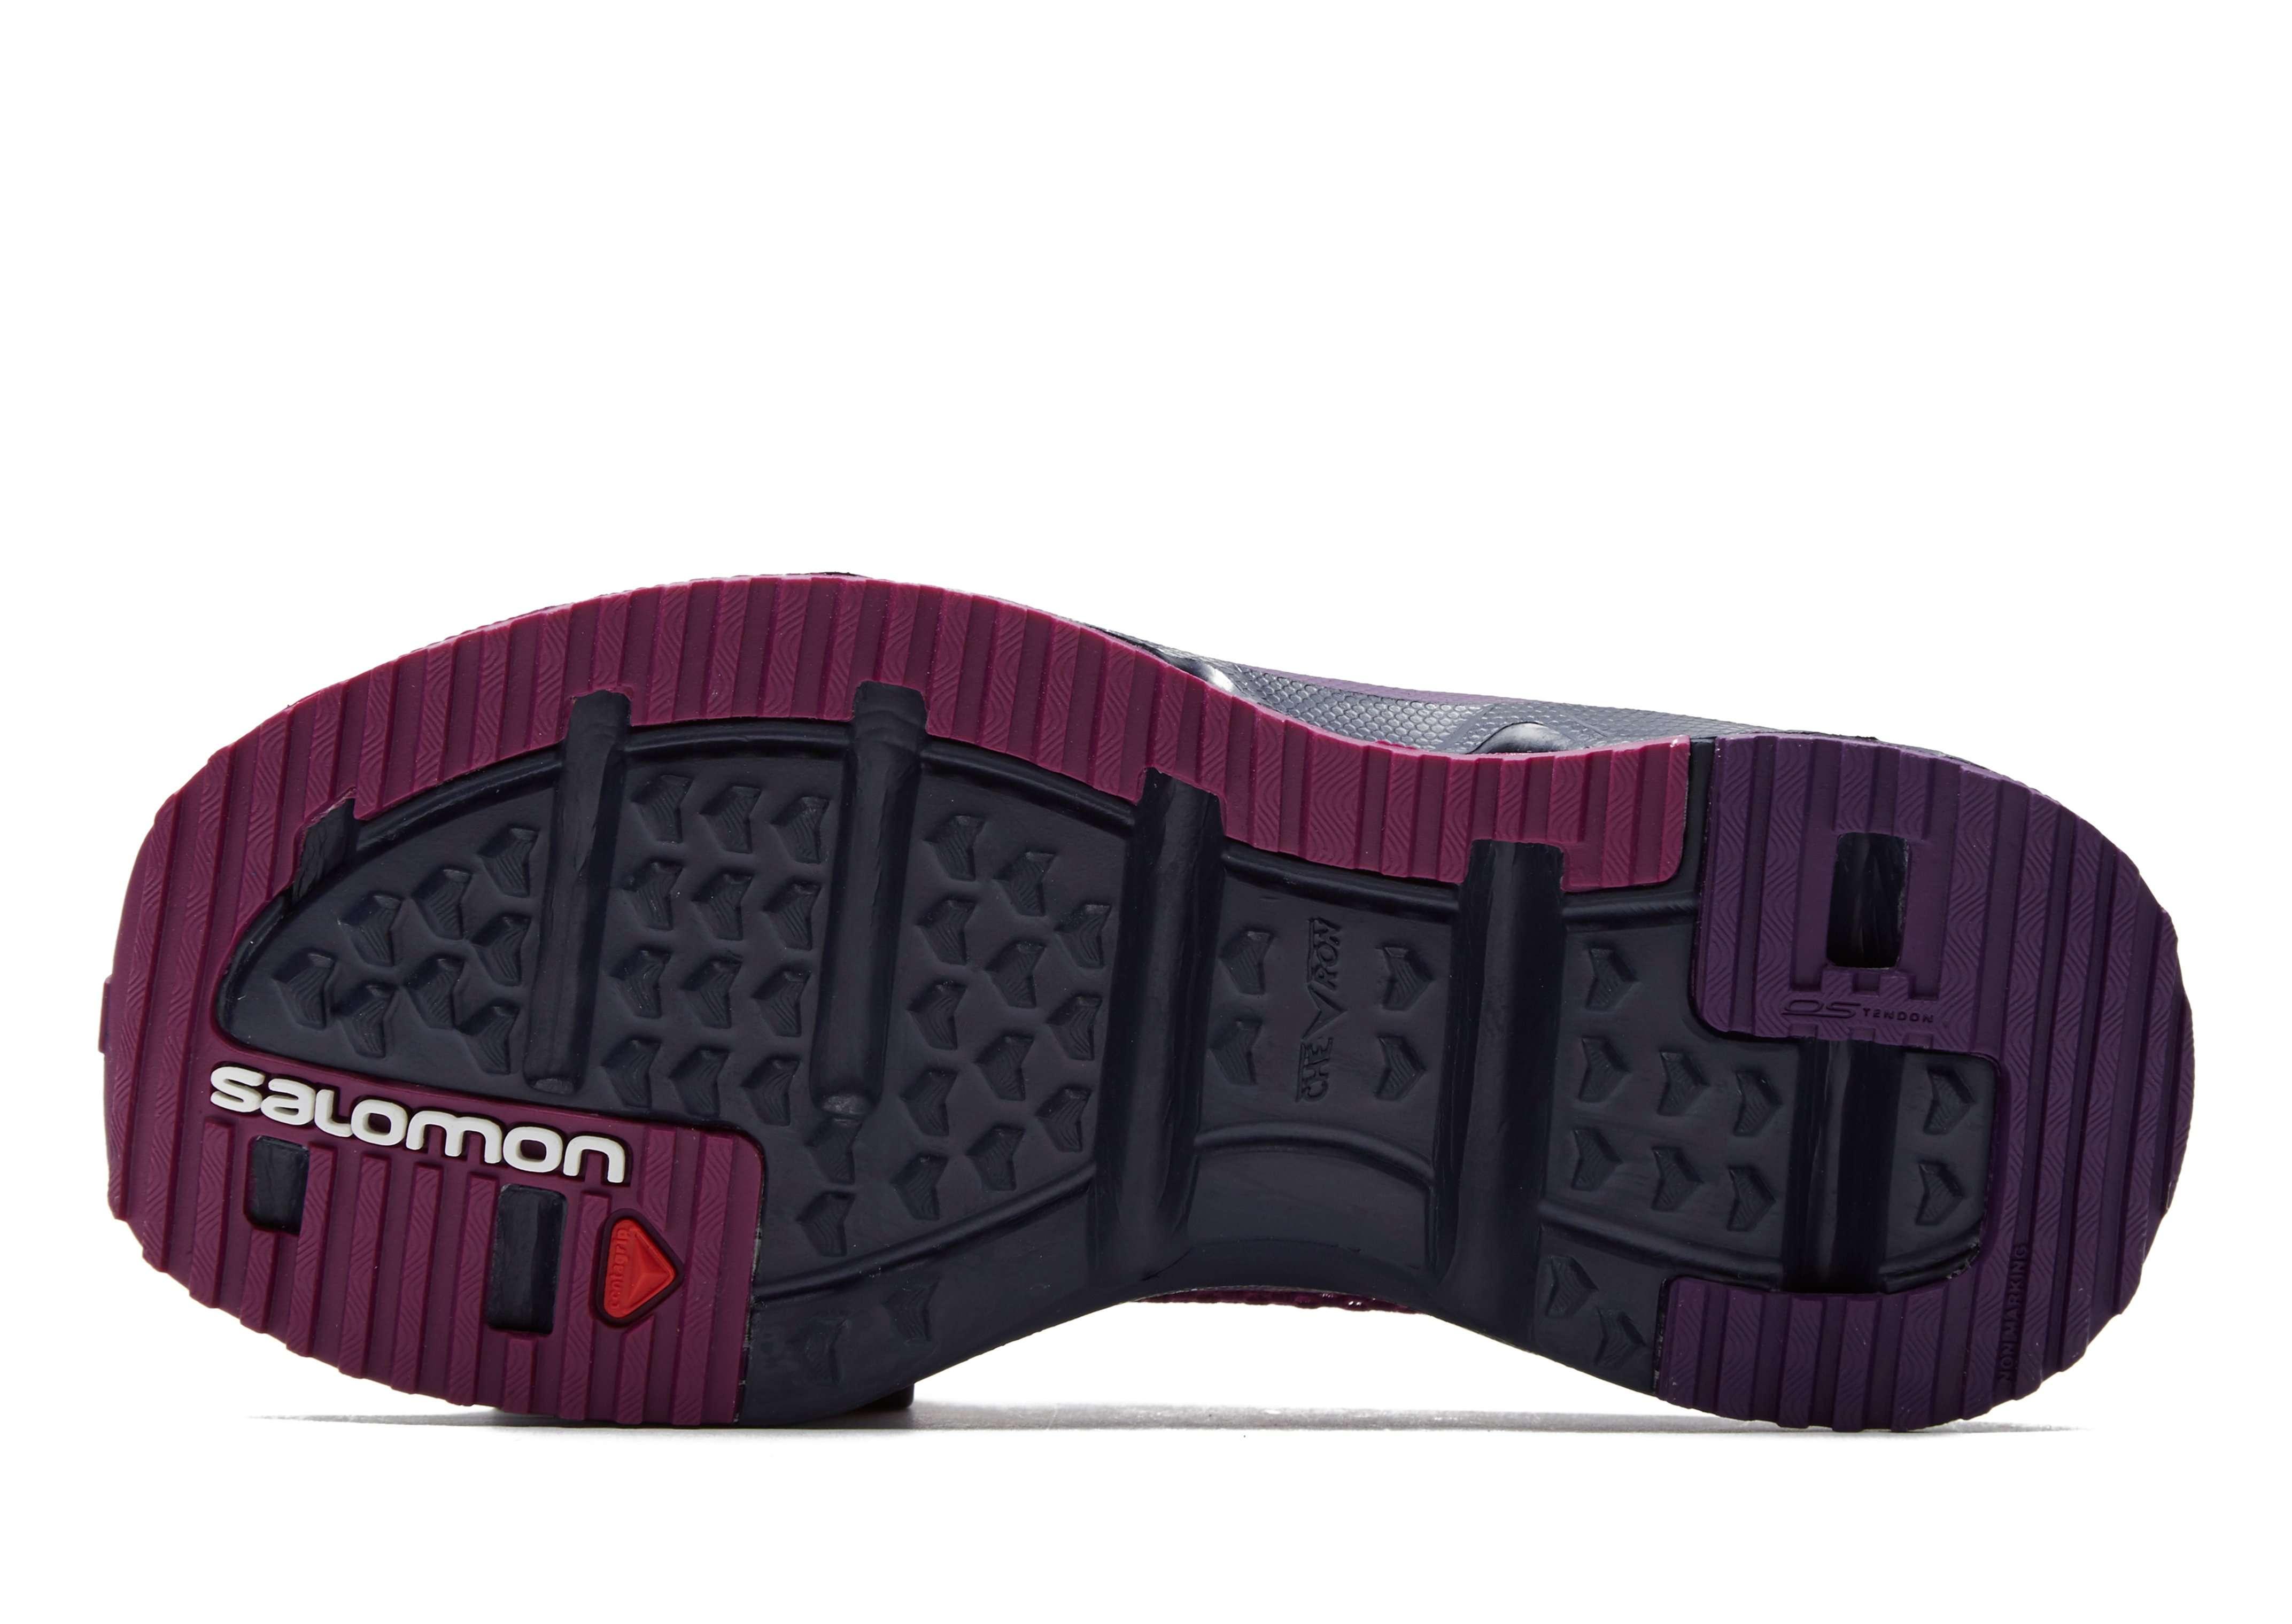 Salomon RX Slide 3.0 Lifestyle Shoes